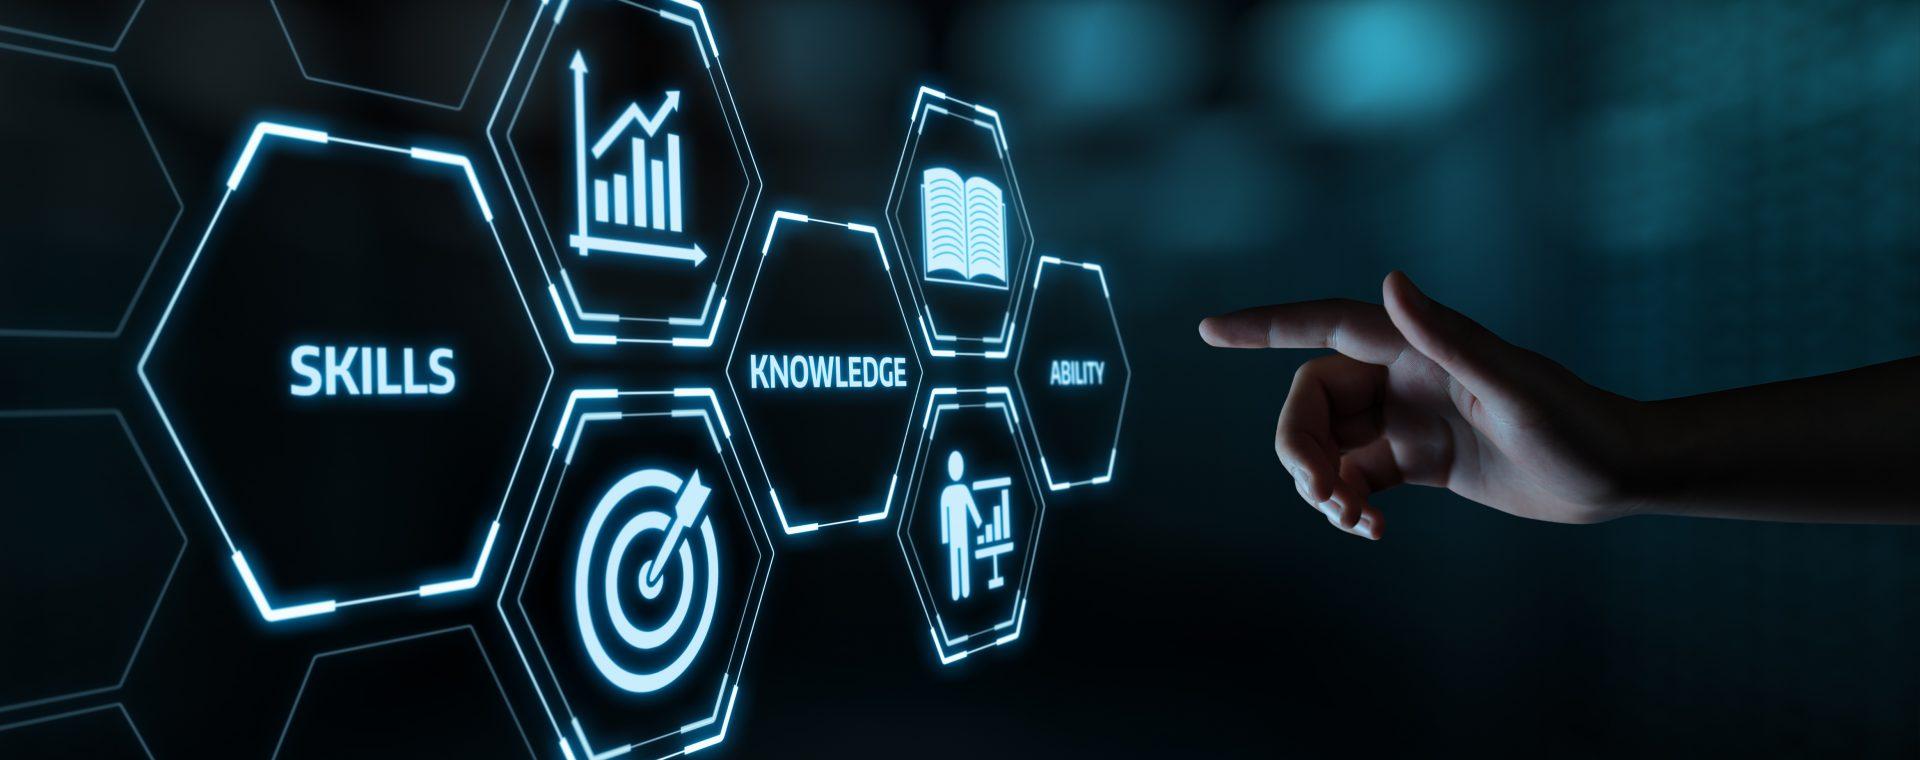 Competenze digitali @work: il futuro è oggi